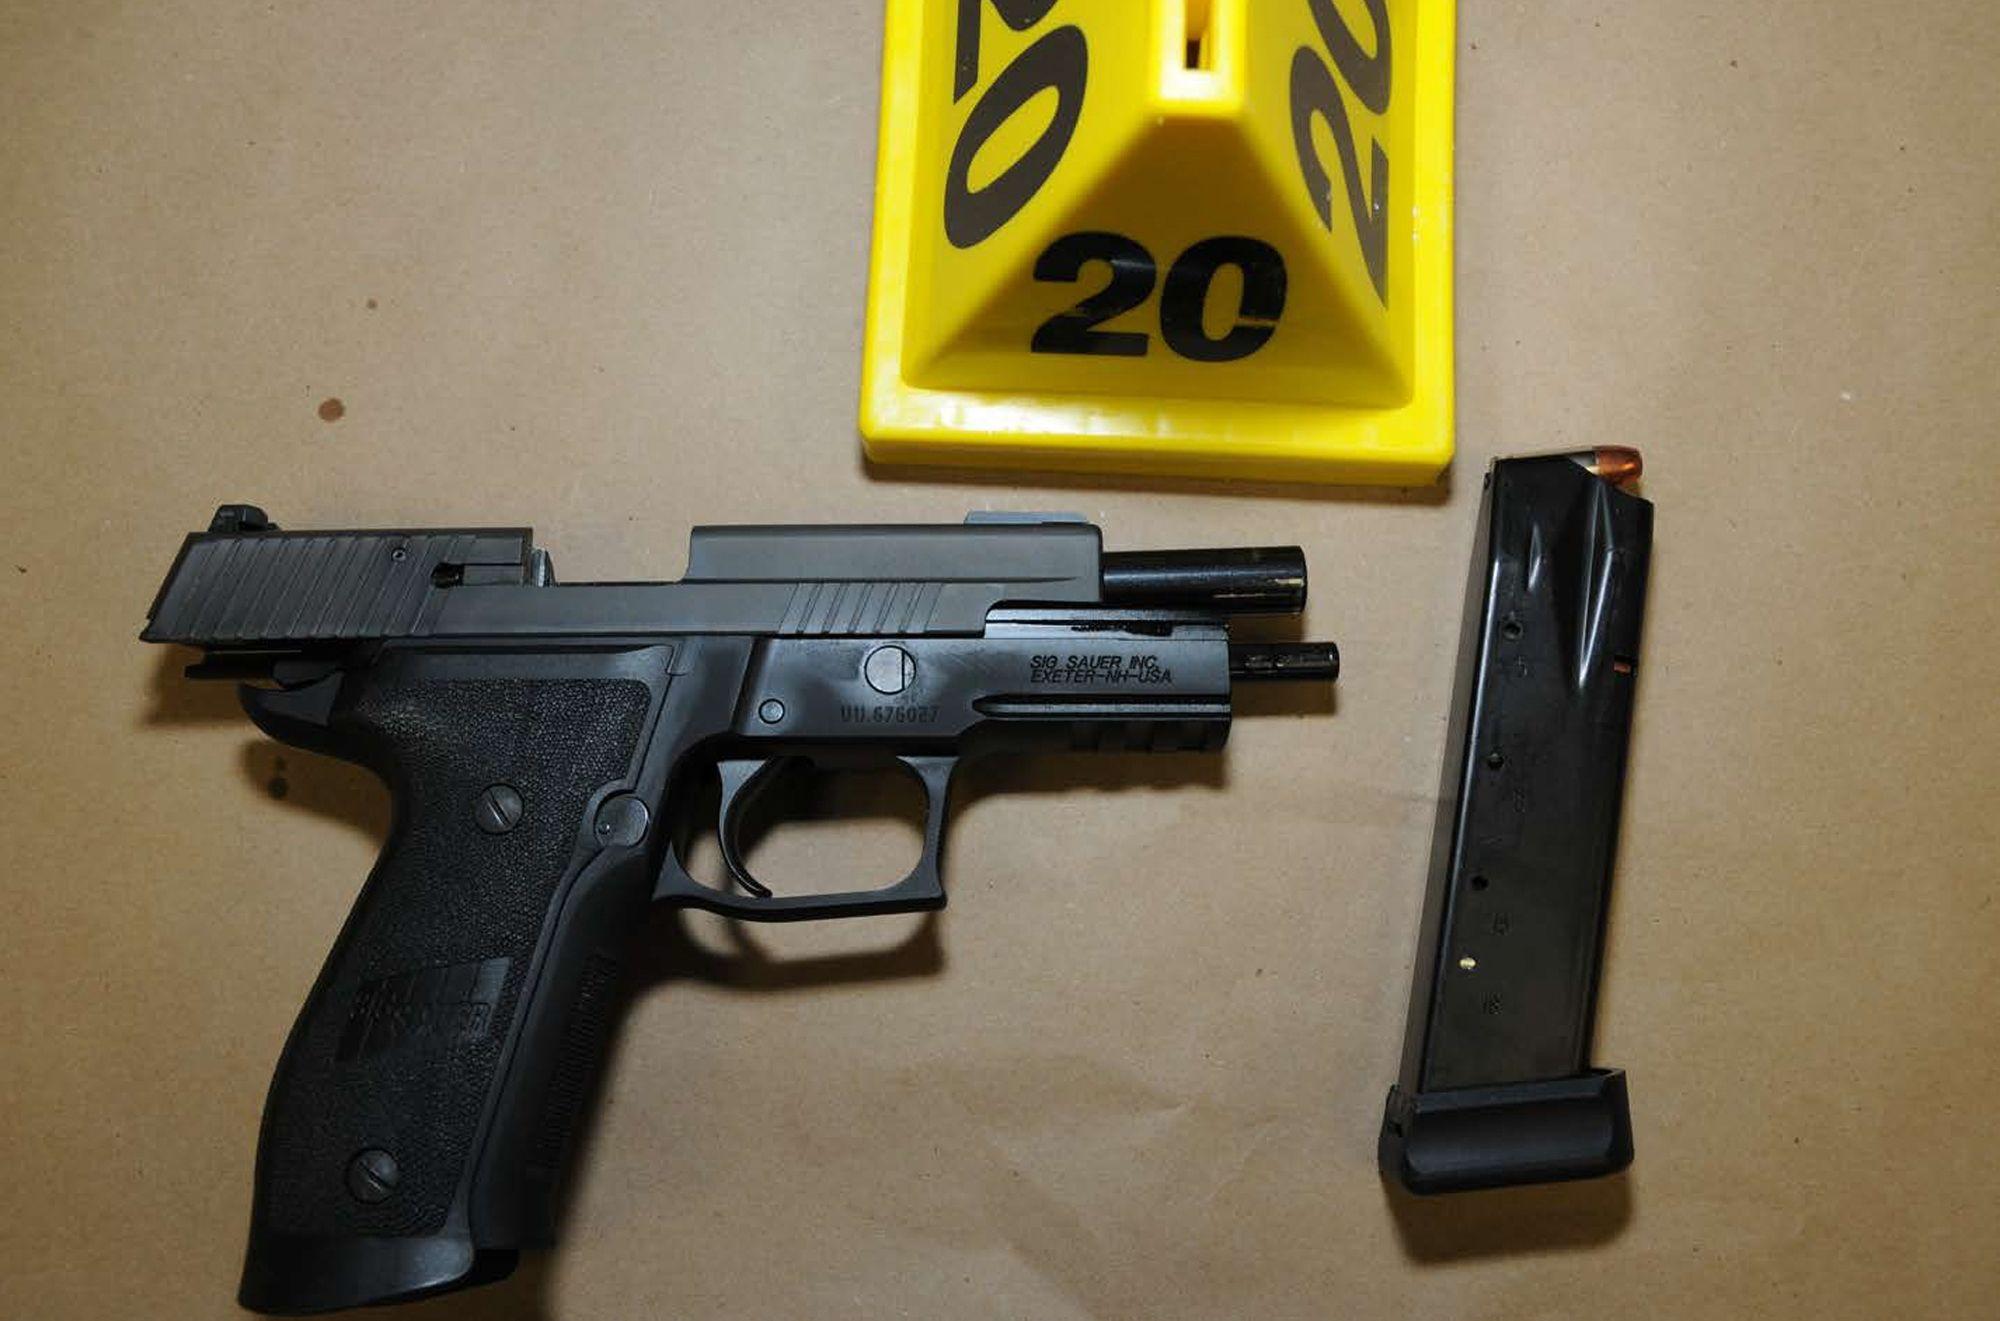 Les cambrioleurs agissent le plus souvent en groupe et sont armés.